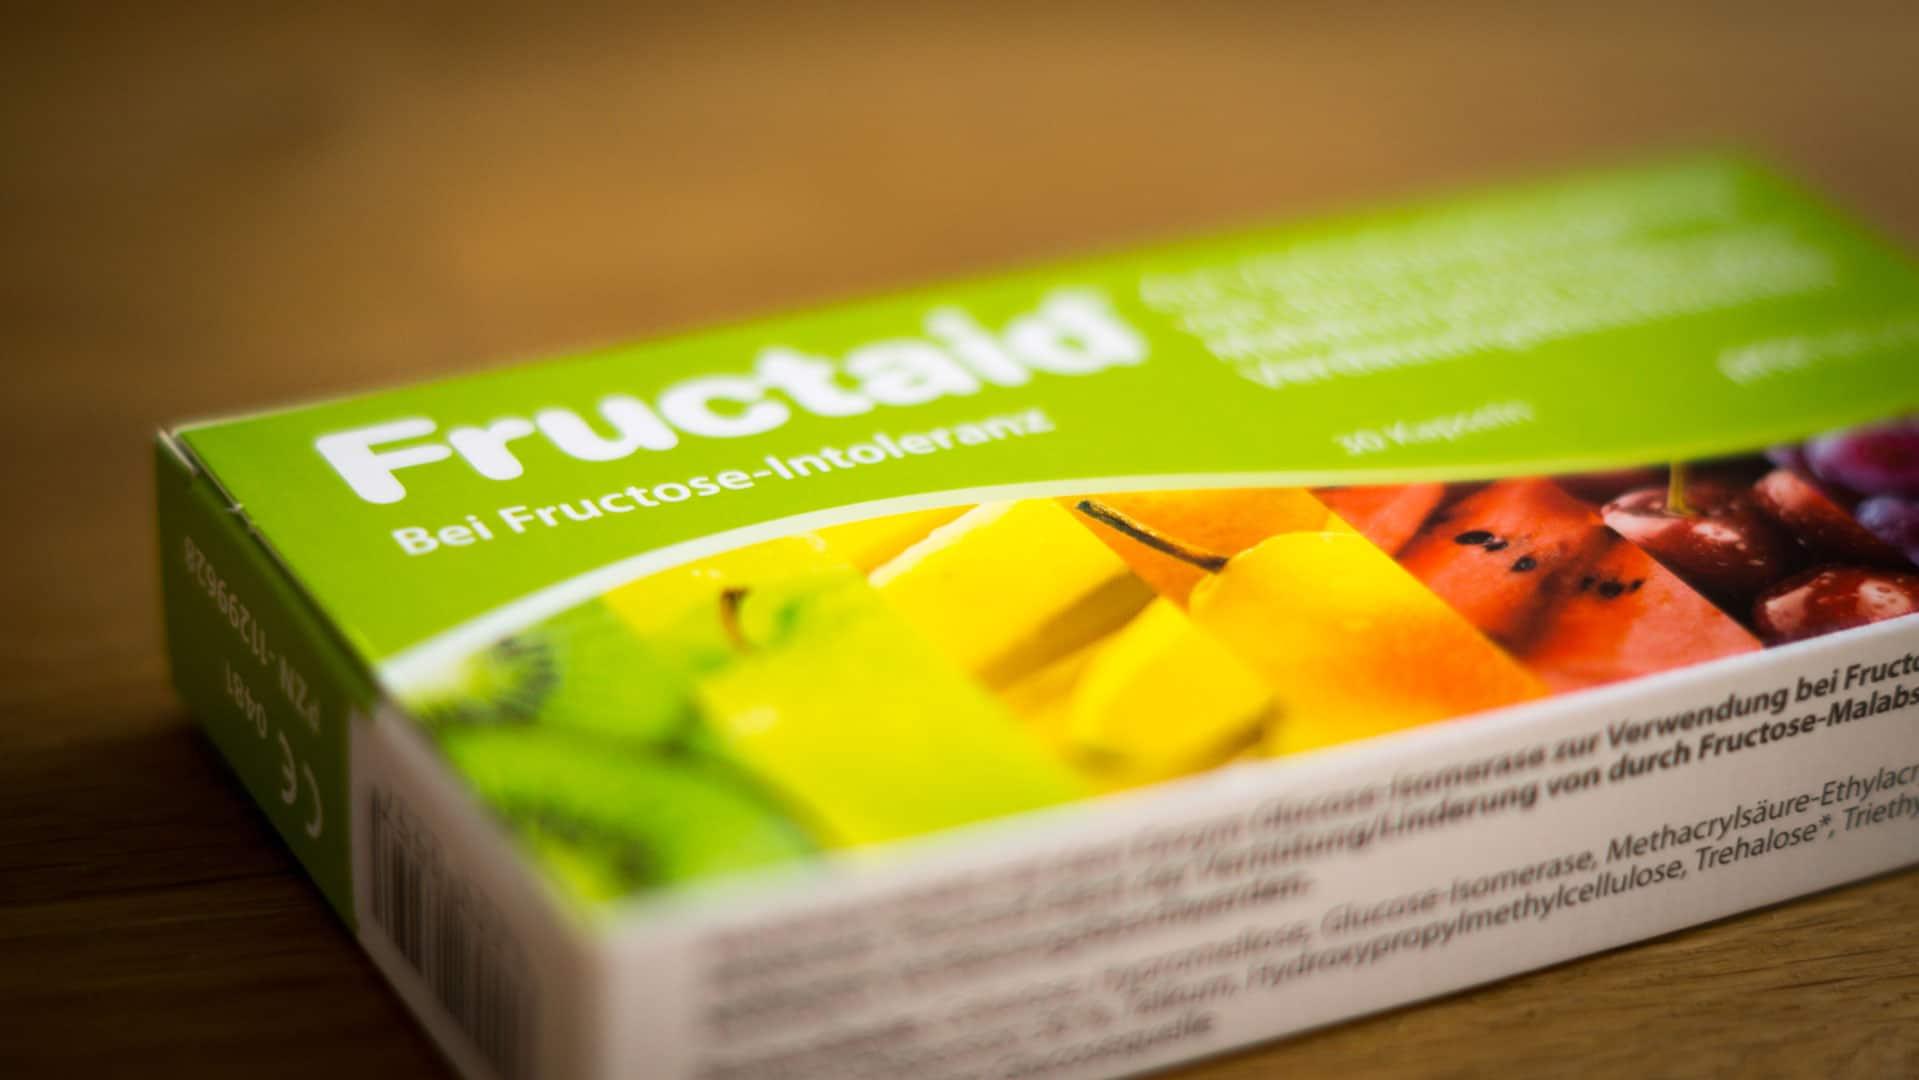 Neu auf dem Markt in Deutschland und Österreich: Fructaid